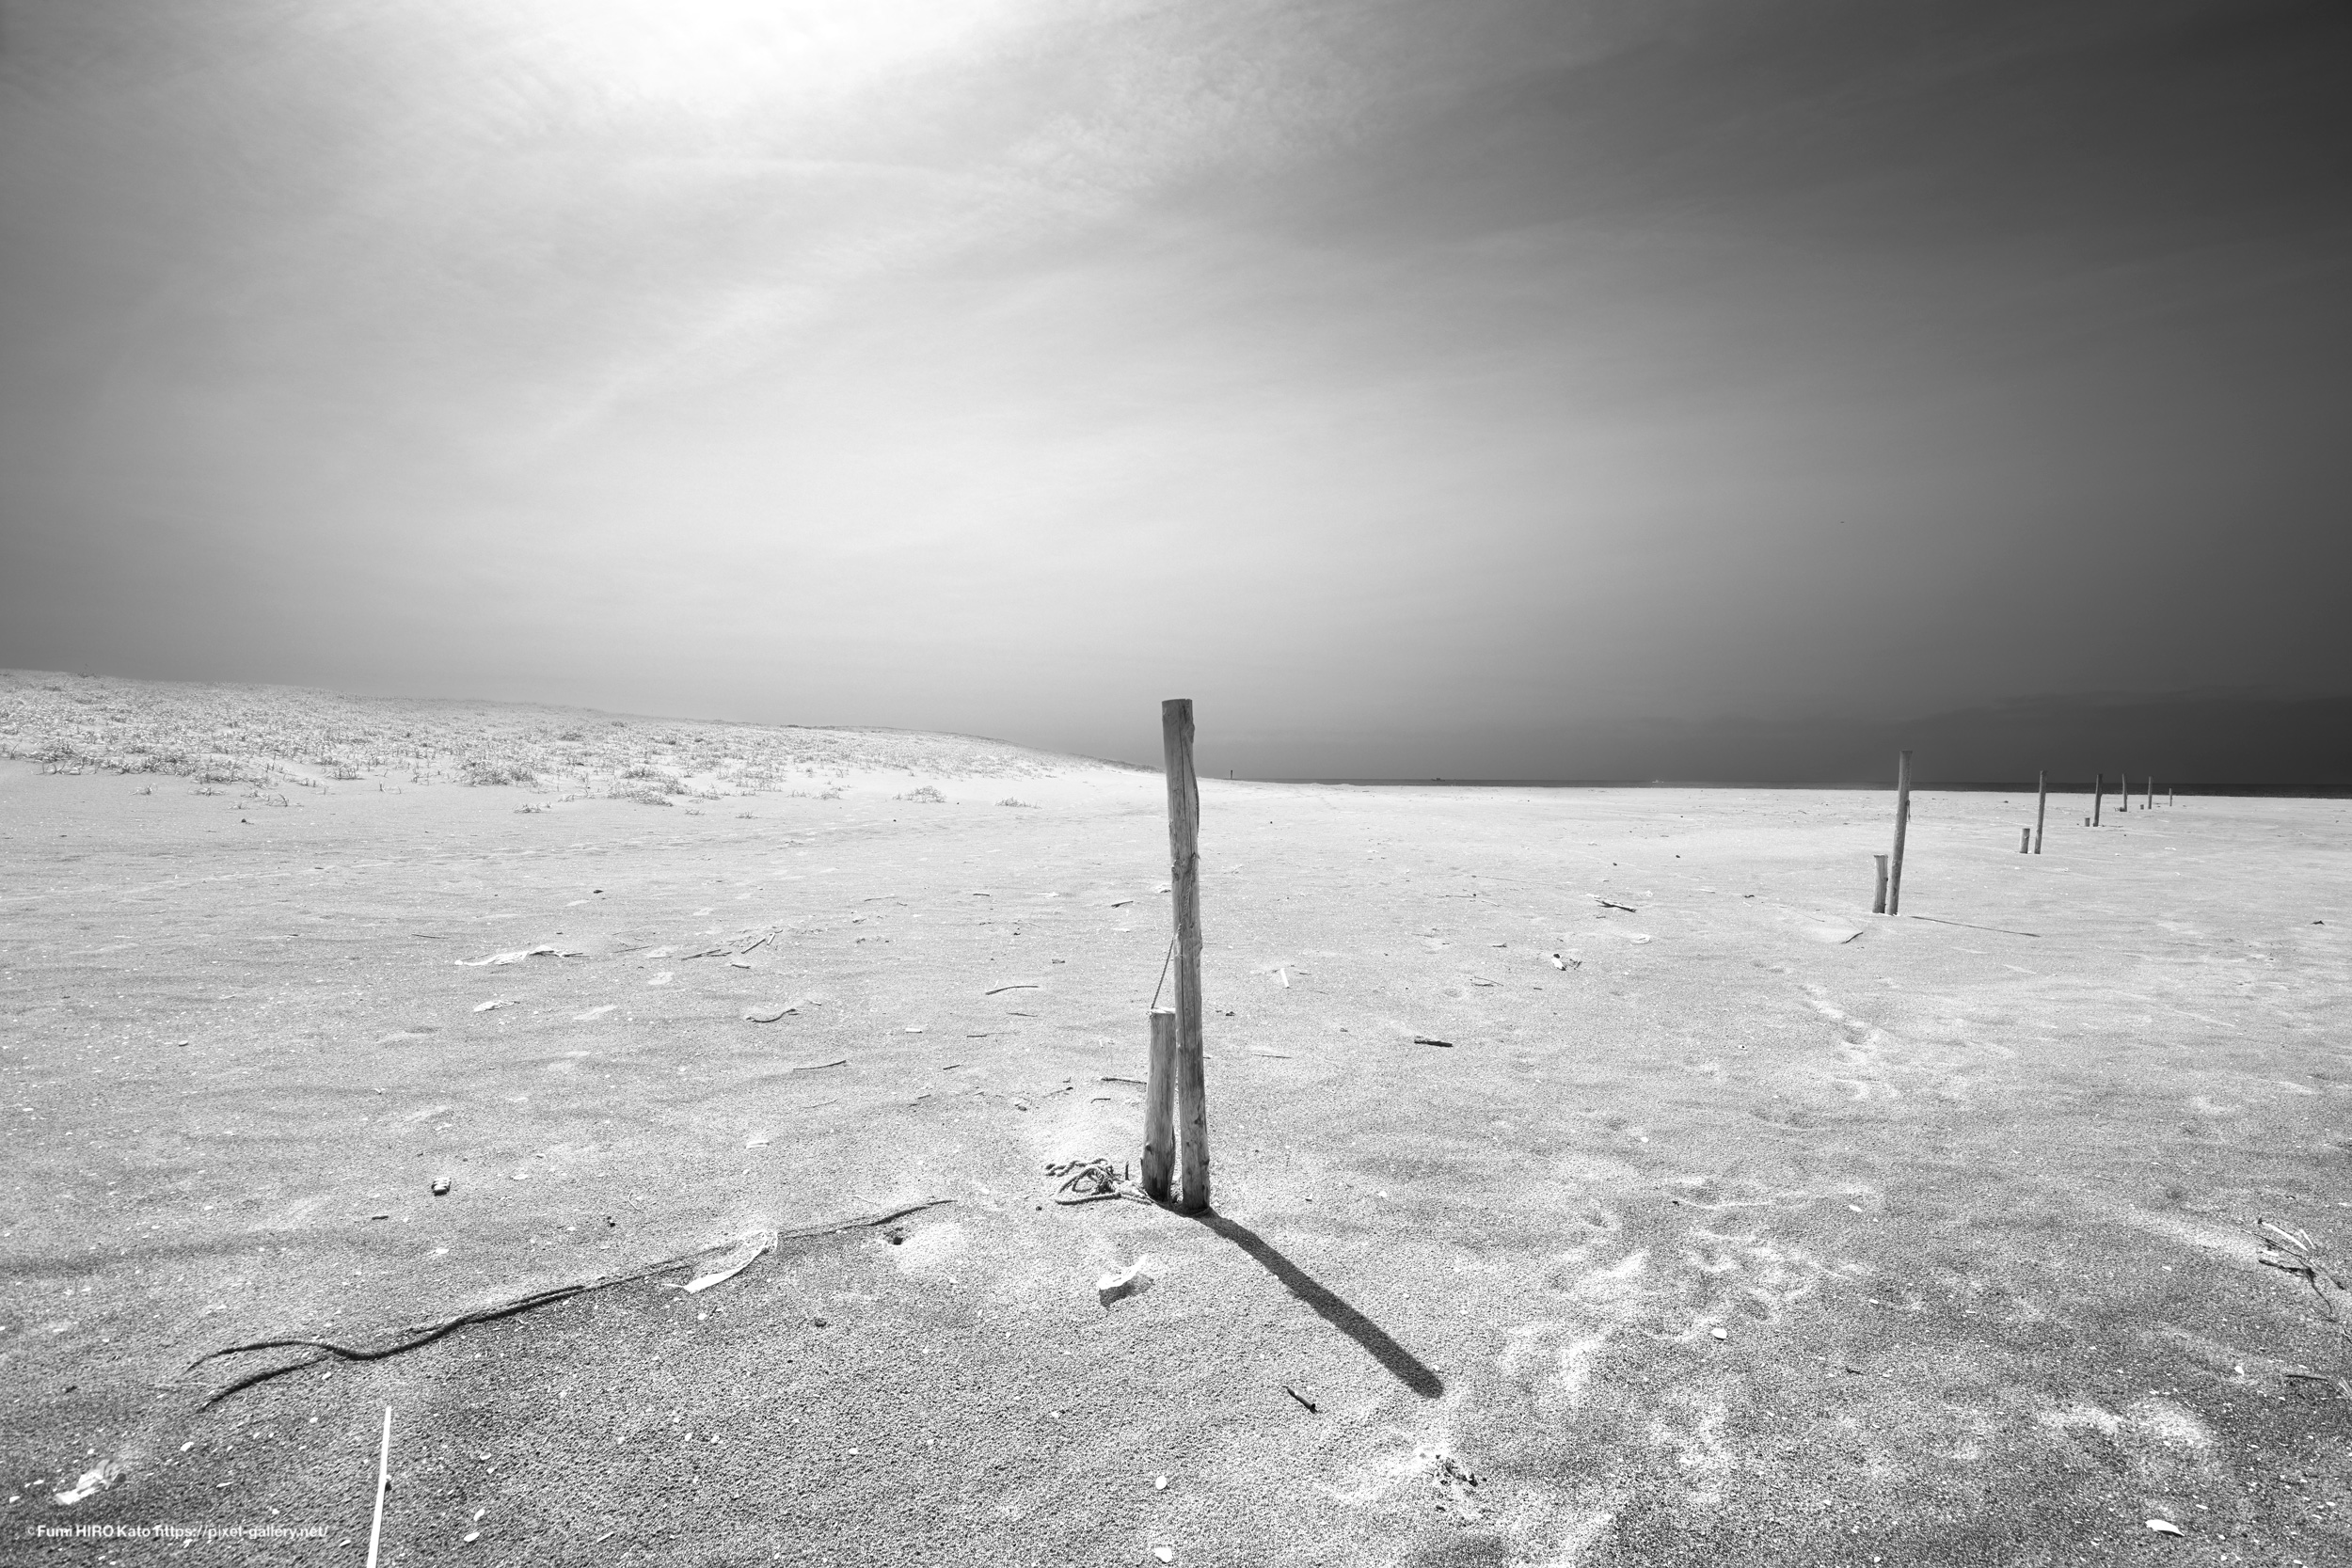 惑星と文明 19-018 時間は砂となって降り積もる